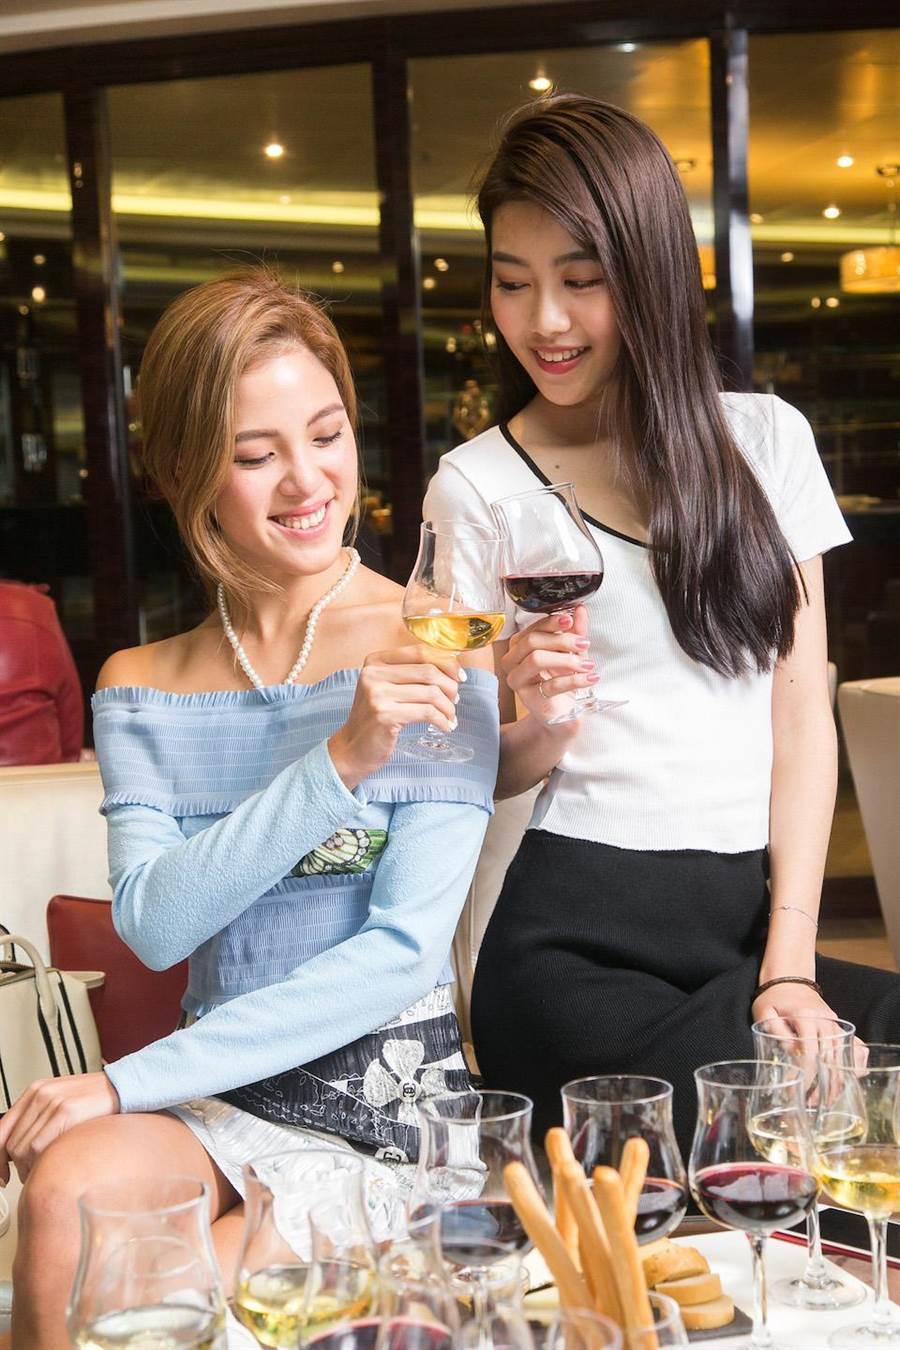 「維羅納酒吧」品酒課程,在專業講師指導下,遨遊葡萄酒奧祕世界。(圖片提供/歌詩達郵輪)